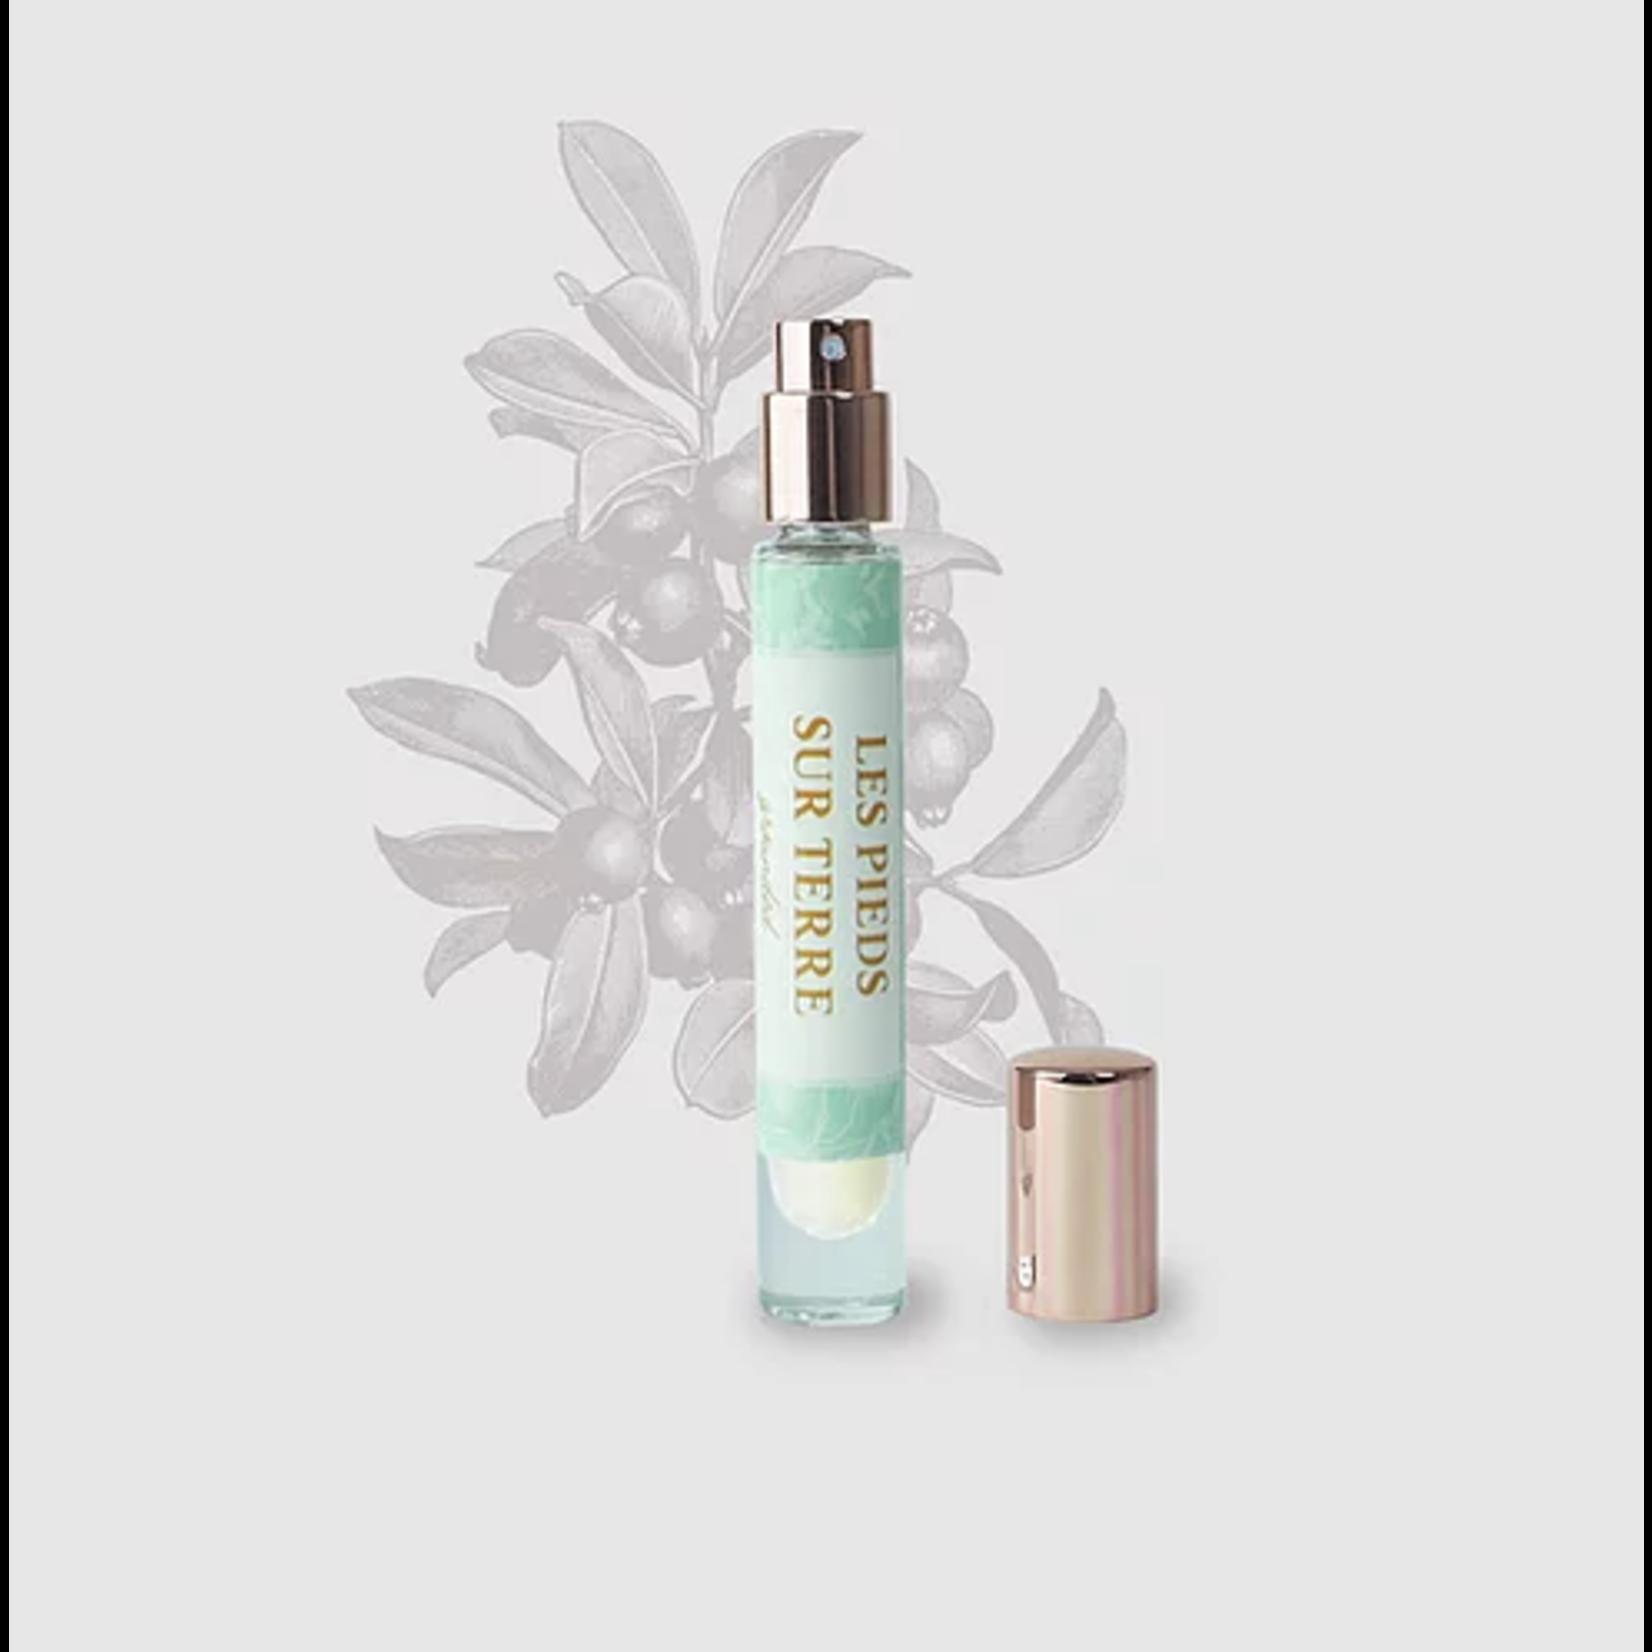 Collection de Massy Grounded - Eau de Parfum